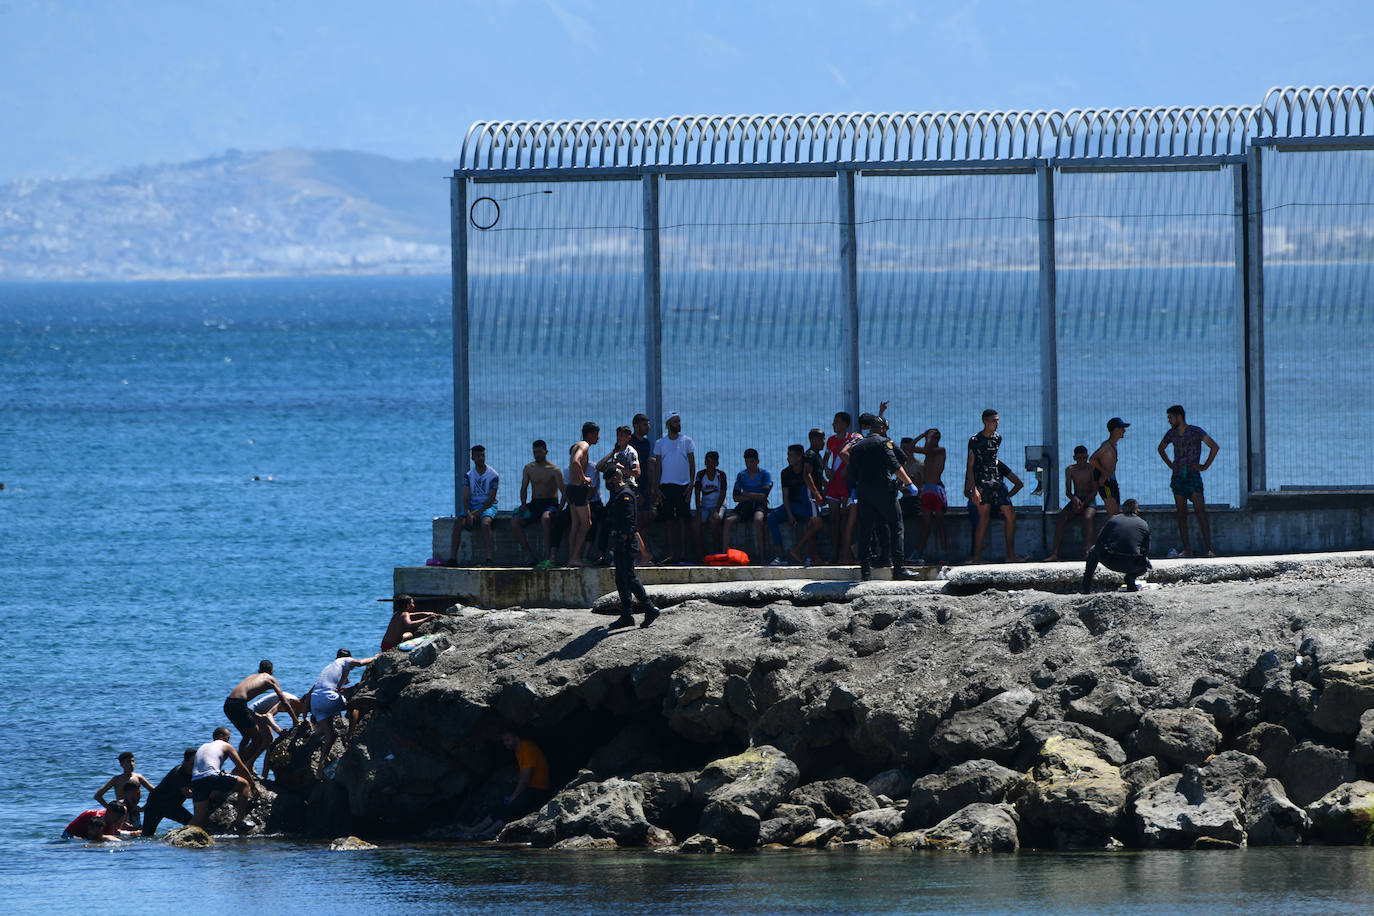 España y Marruecos se enfrentan tras la llegada de 7.000 inmigrantes por mar a Ceuta